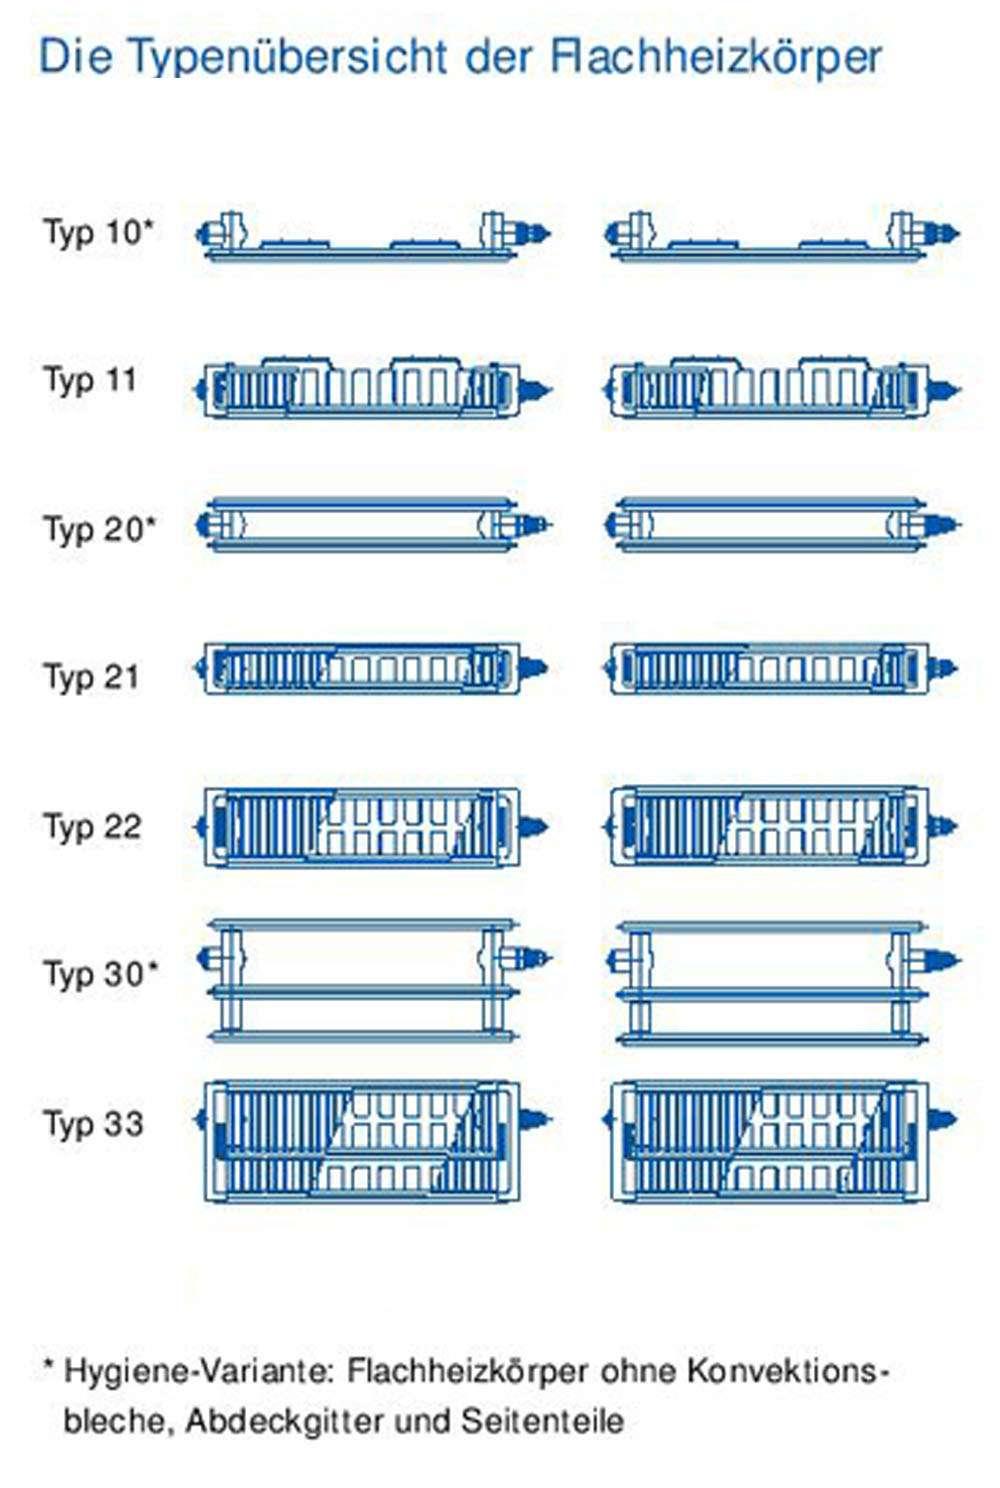 buderus kompakt c profil heizk rper bauh he 500mm typ 10 20 30 l nge 400 3000mm ebay. Black Bedroom Furniture Sets. Home Design Ideas